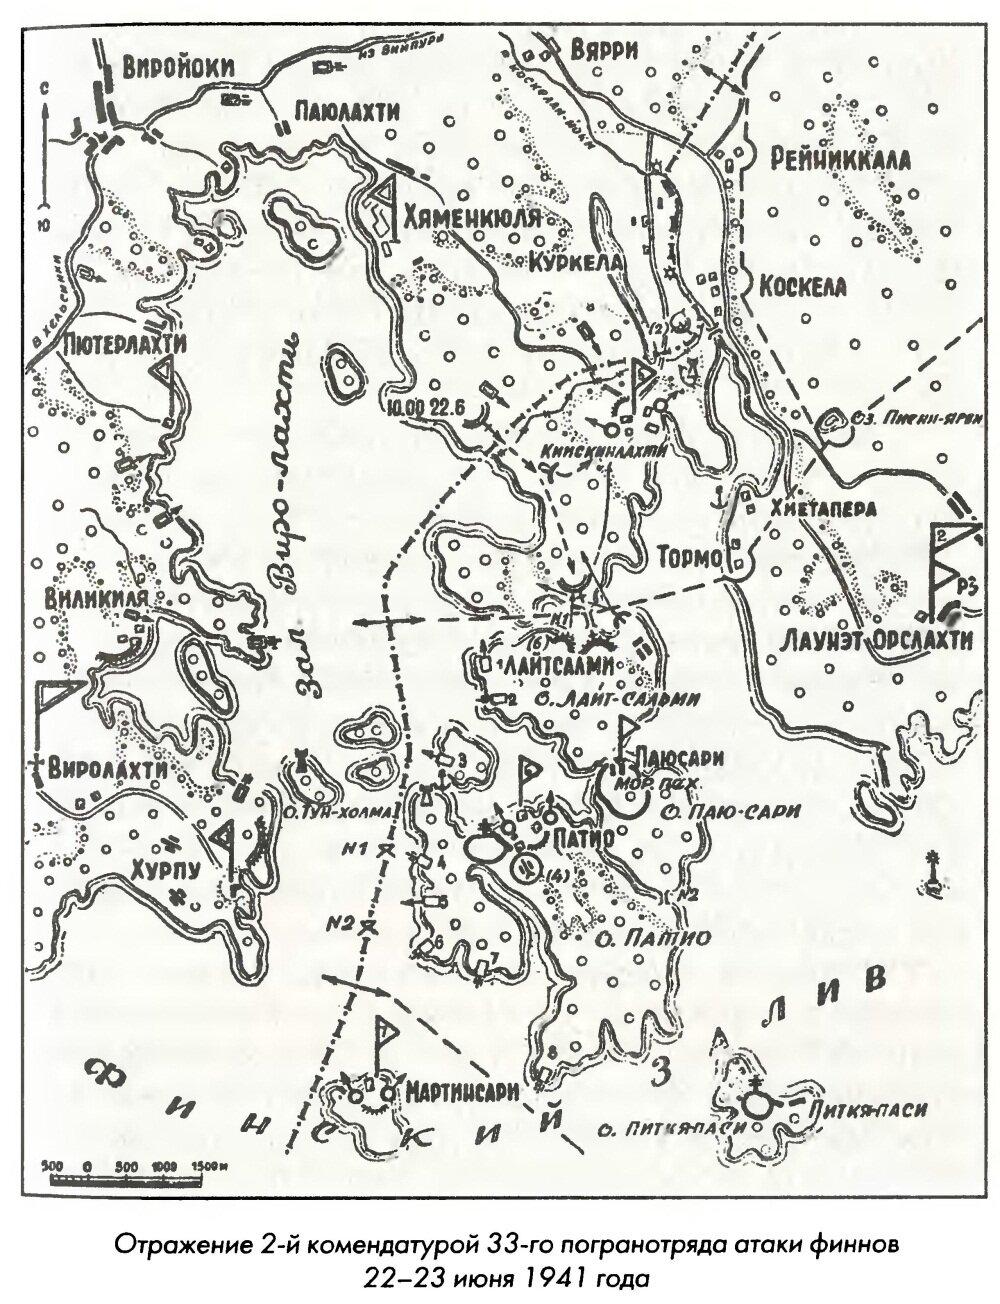 Отражение 33-пограничным отрядом атаки финнов 22-23 июня 1941 года